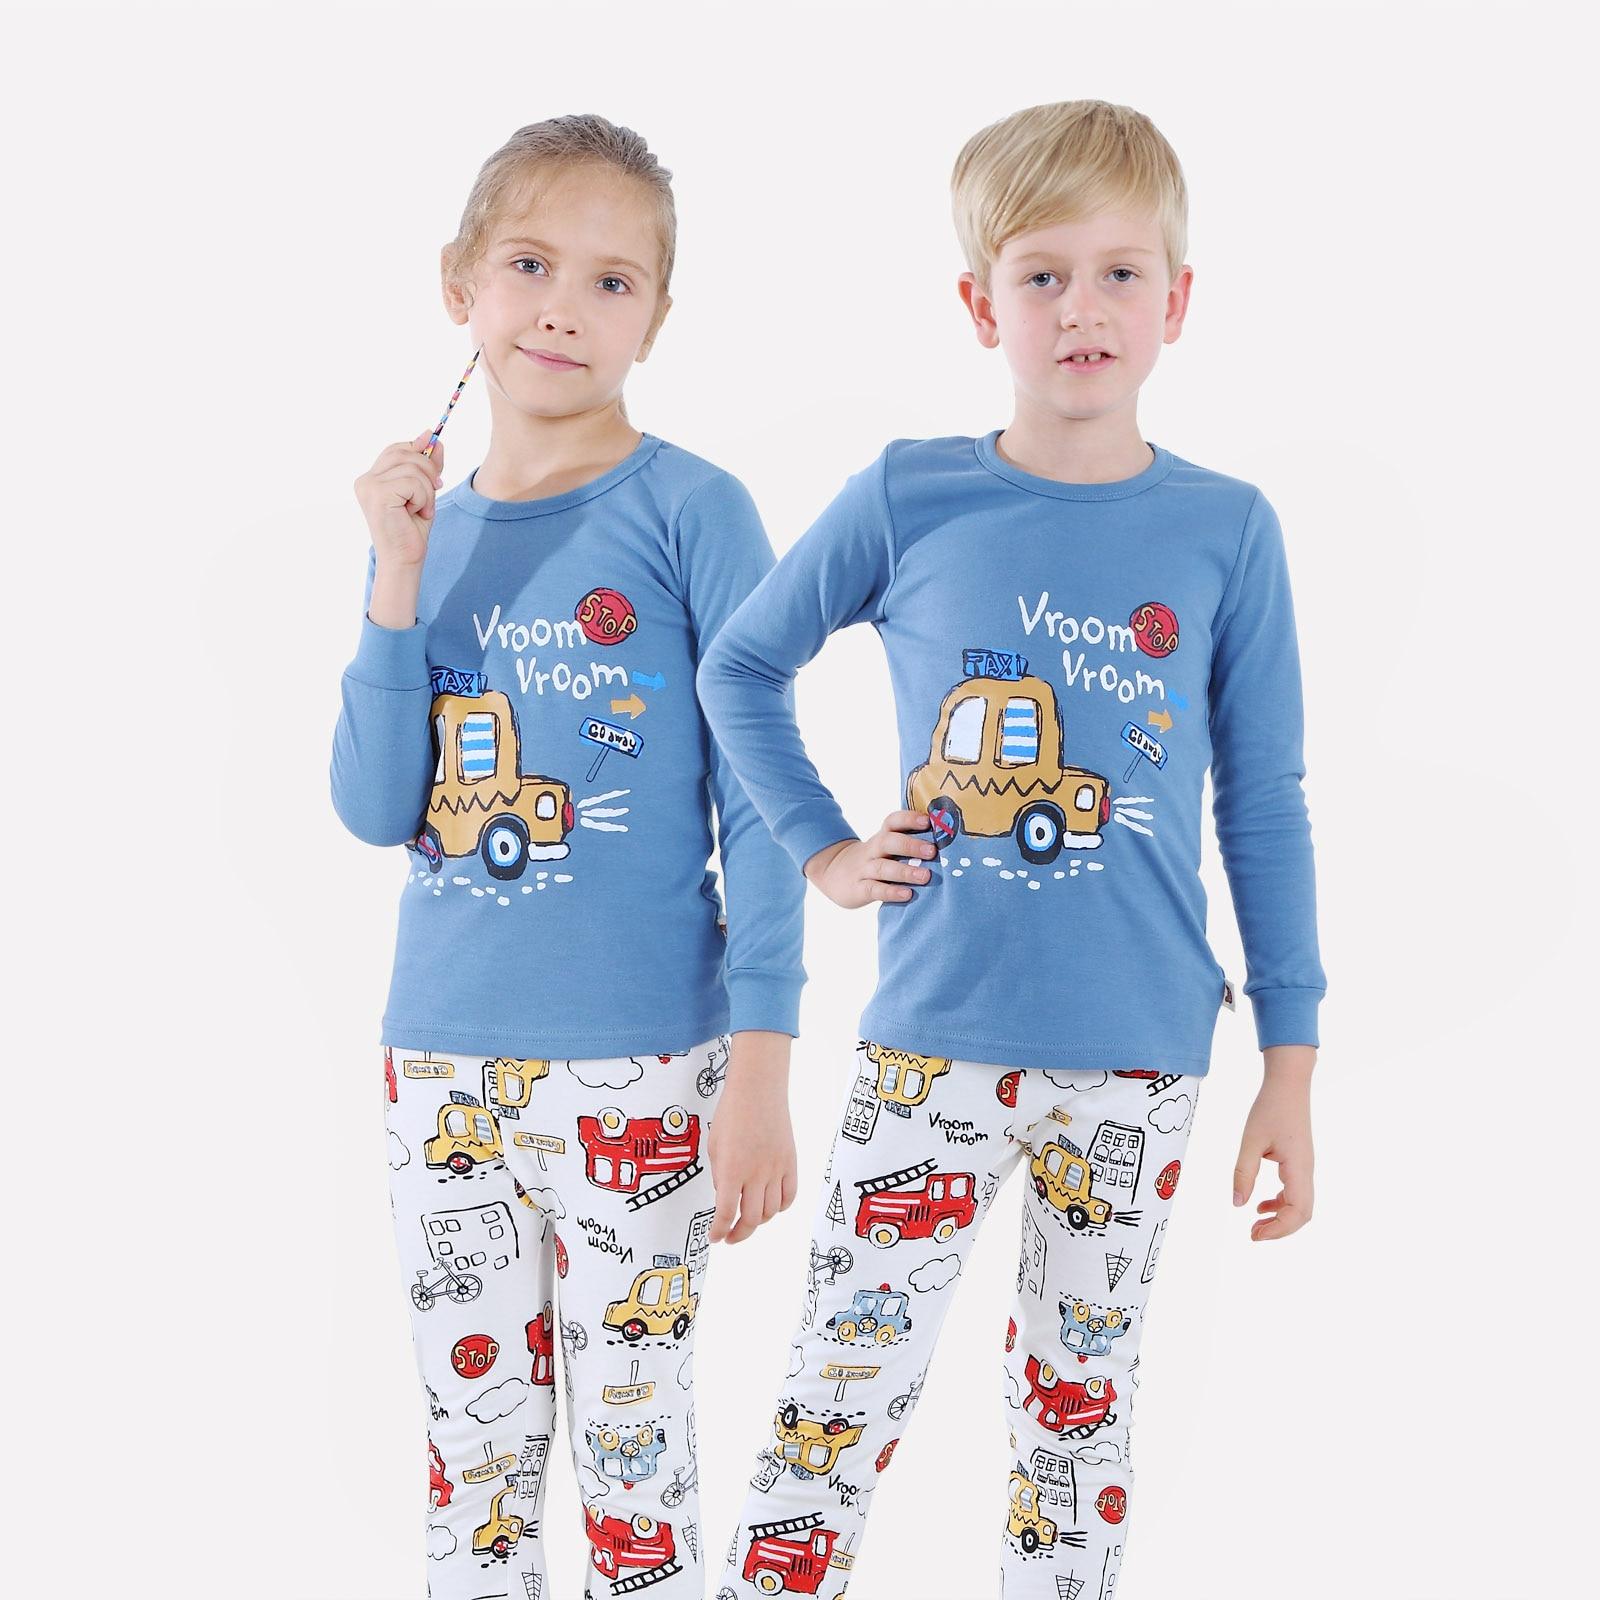 Juego de 2 piezas para bebé recién nacido, niños, bebés, niñas, conjunto de ropa, Camiseta con estampado de coche, conjuntos de pantalón, conjunto de ropa 12M-10Y ropa de niño